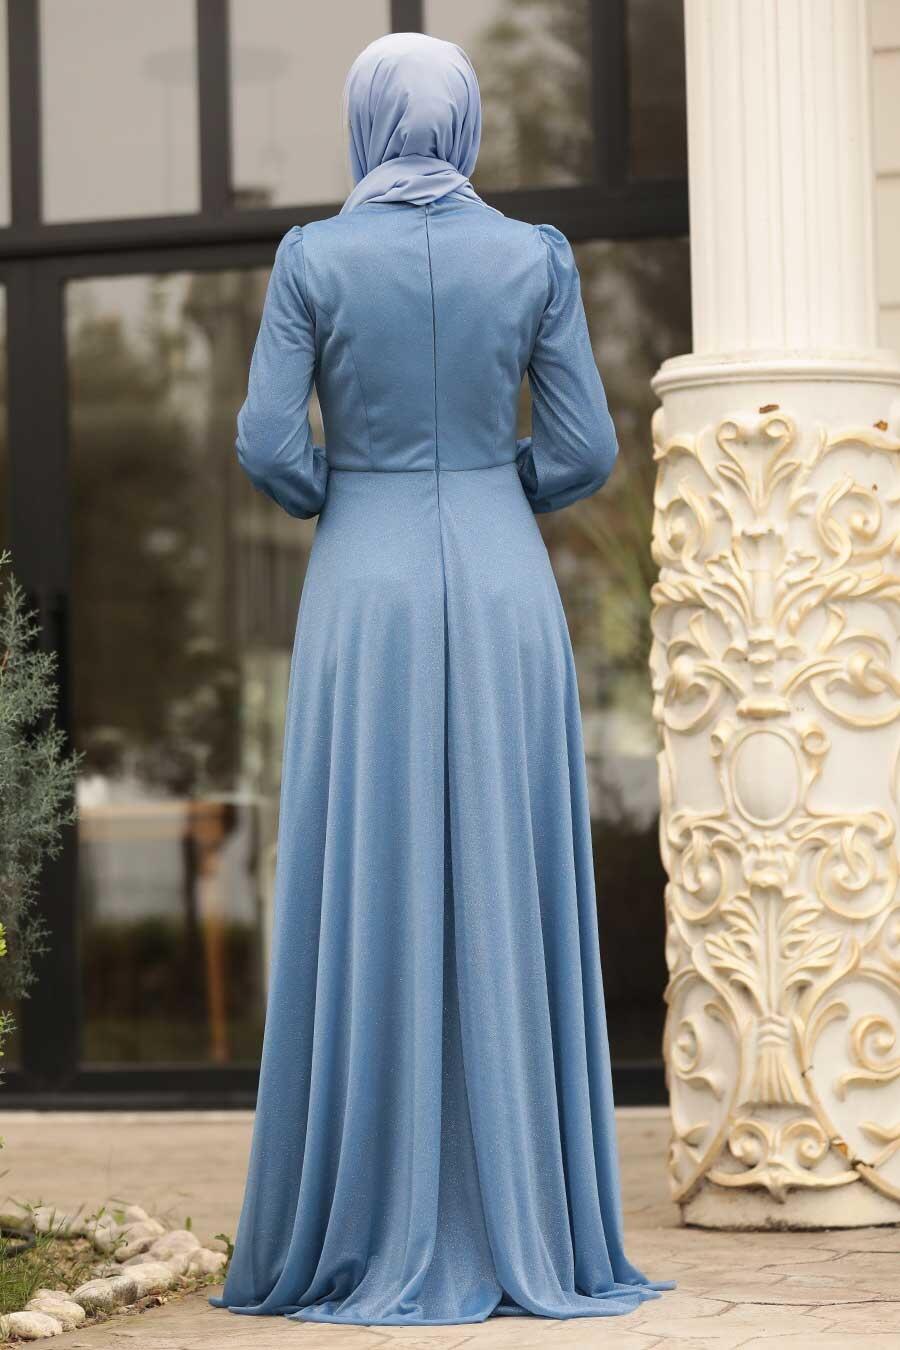 Tesettürlü Abiye Elbise - Boncuk Detaylı İndigo Mavisi Tesettür Abiye Elbise 39490IM